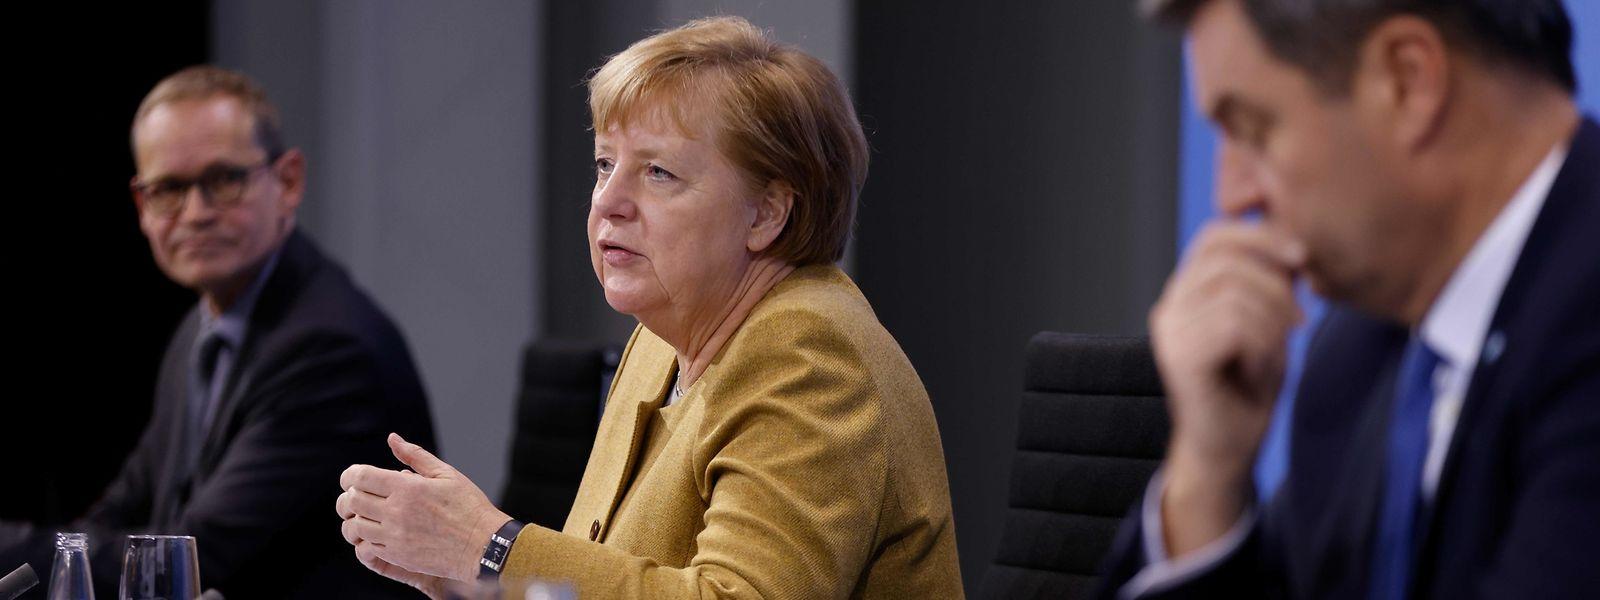 Der Berliner Bürgermeister Michael Müller, Kanzlerin Angela Merkel und der bayerische Ministerpräsident Markus Söder.